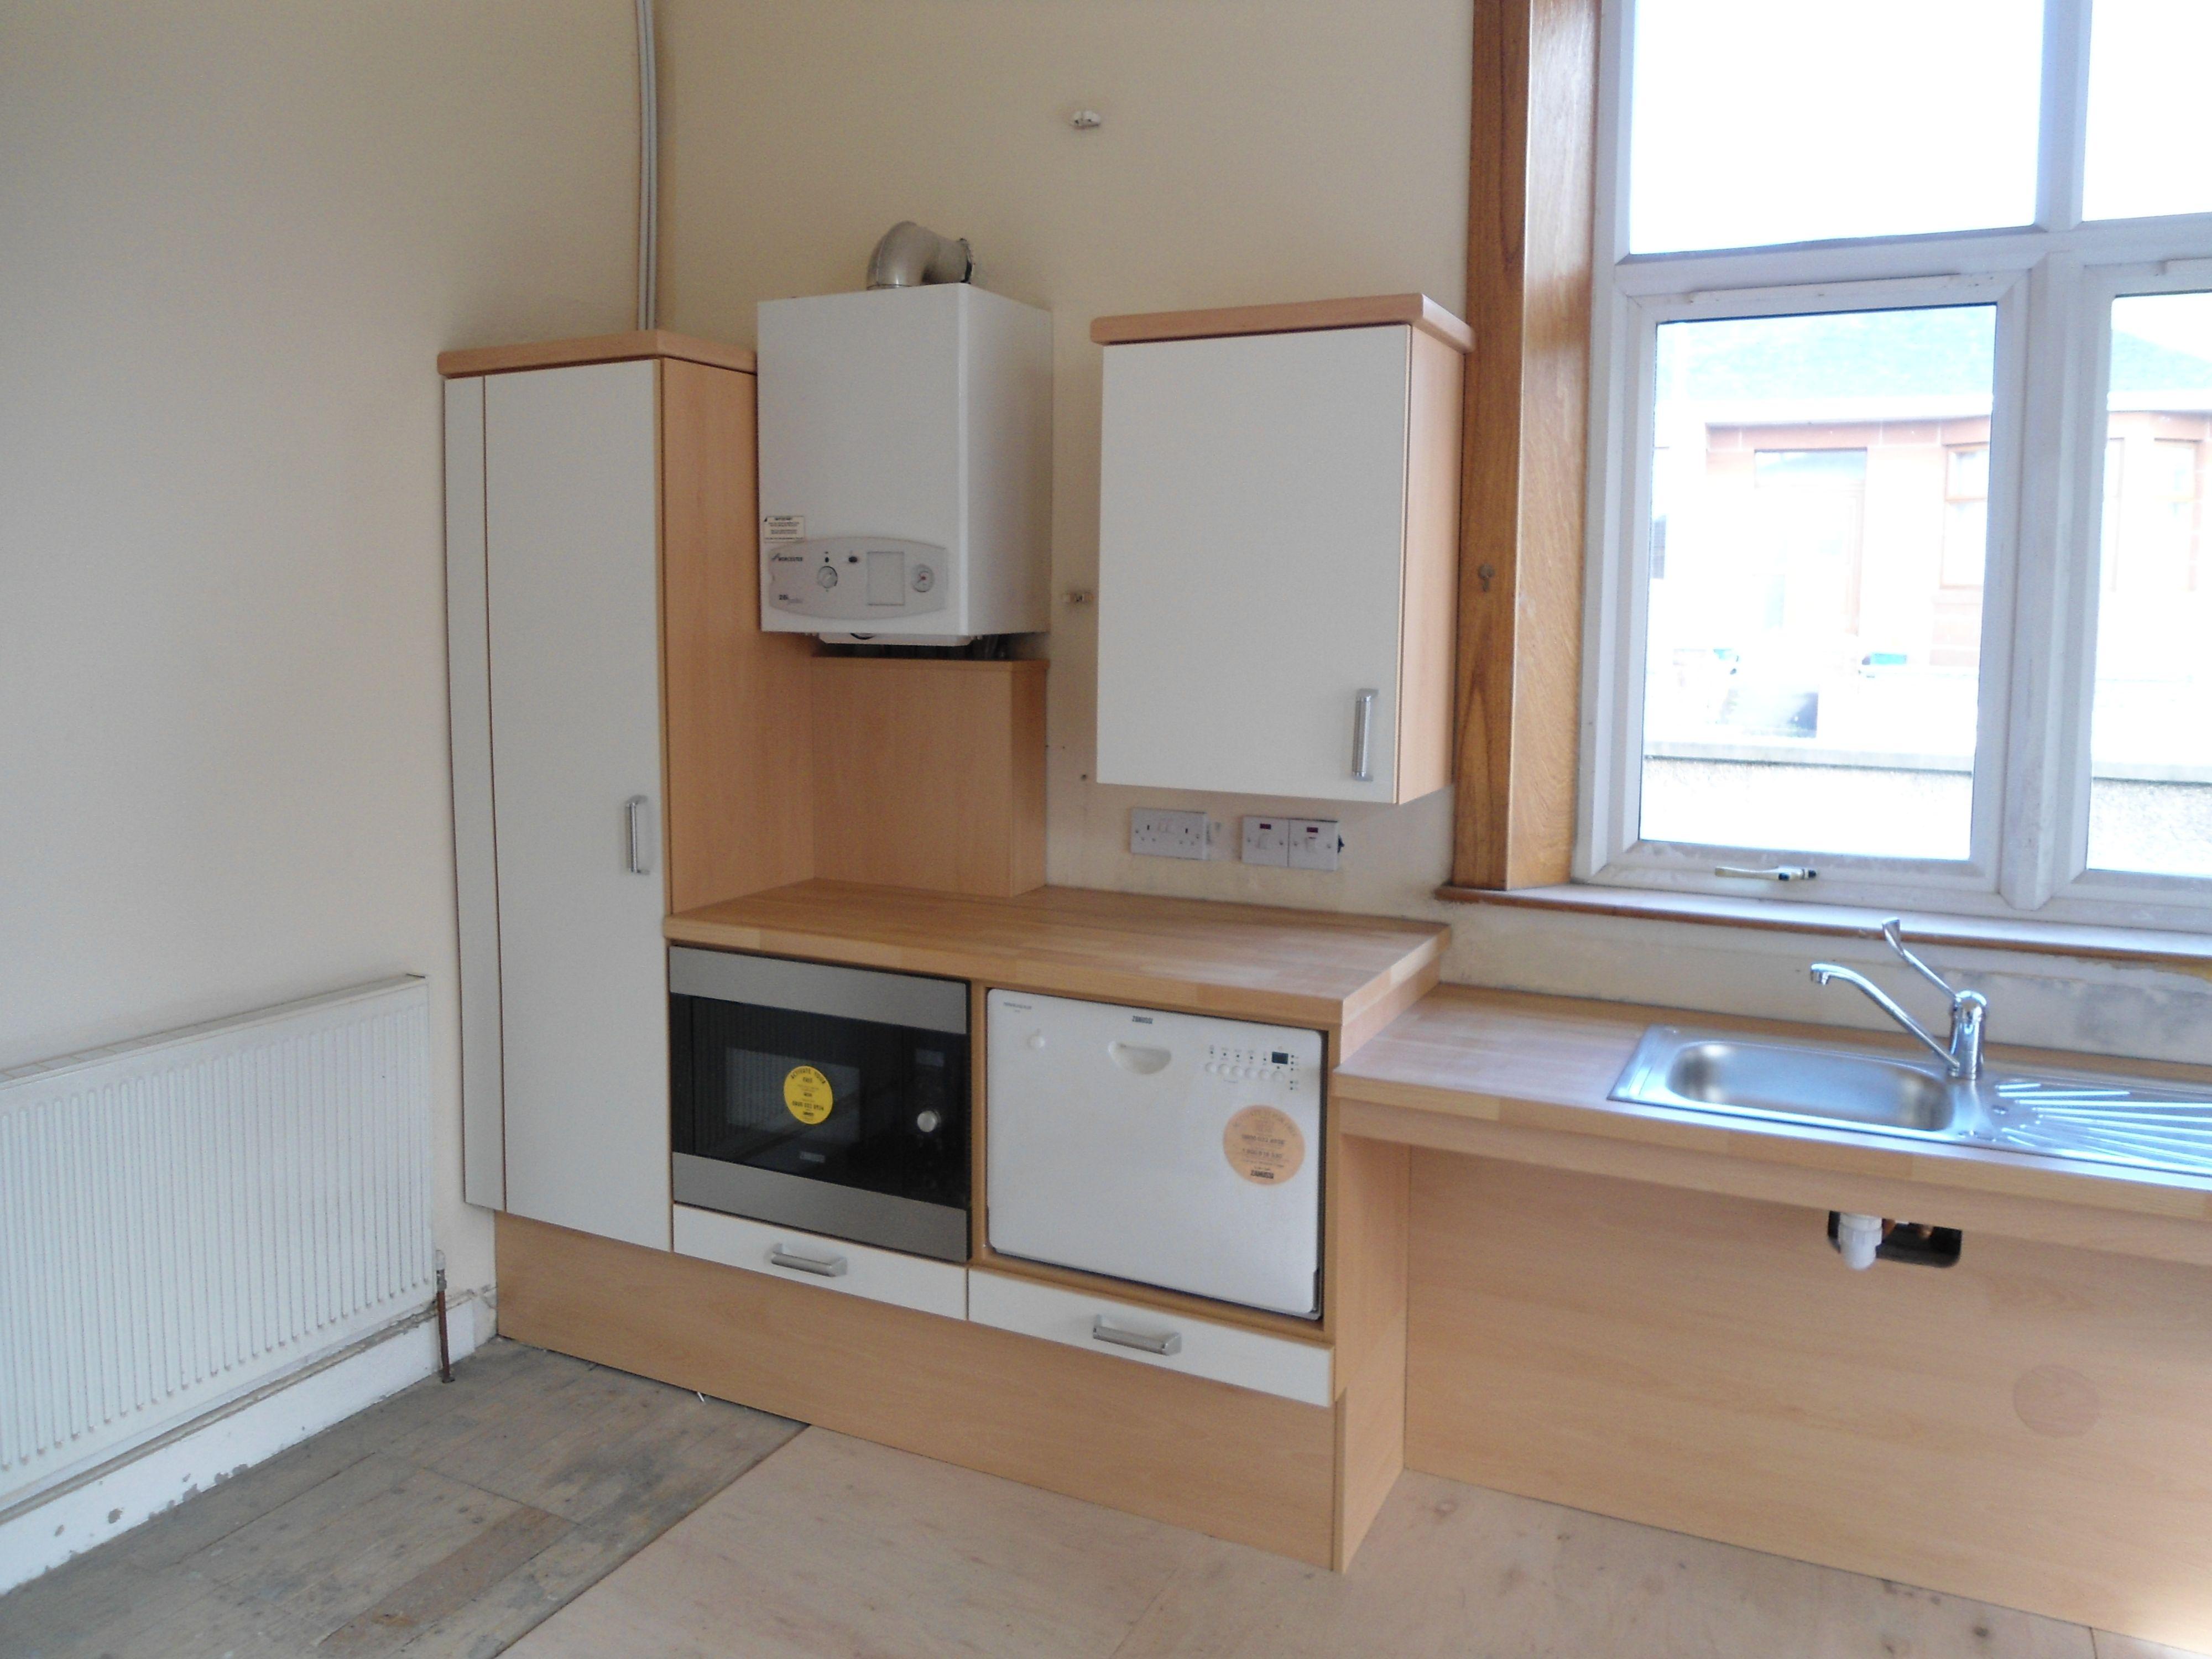 Disabled Sink Worktop Home Appliances Kitchen Kitchen Cabinets